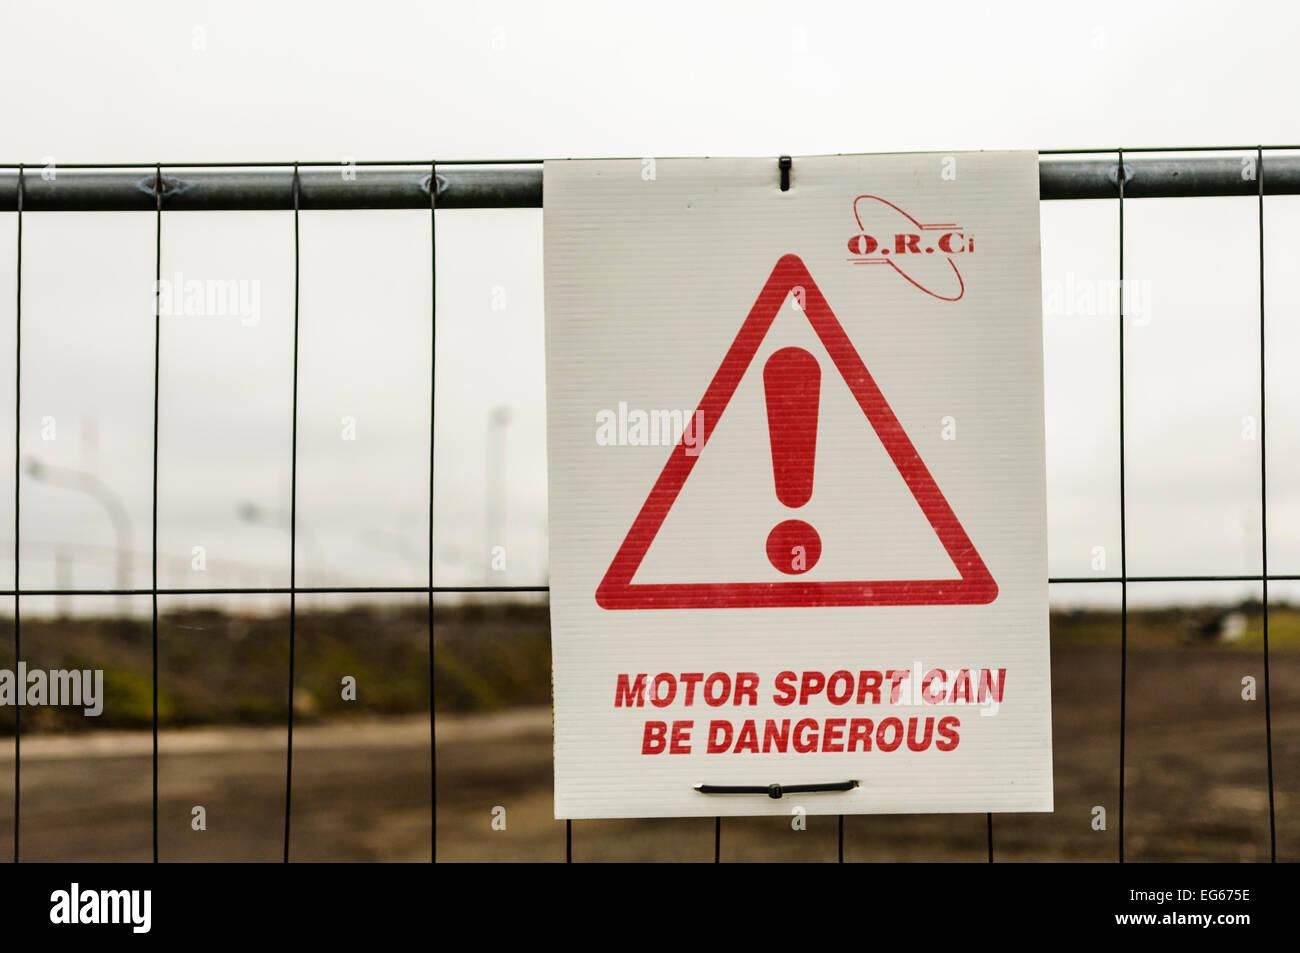 Segno di una pista di consigliare il pubblico che la motor sport possono essere pericolosi Immagini Stock